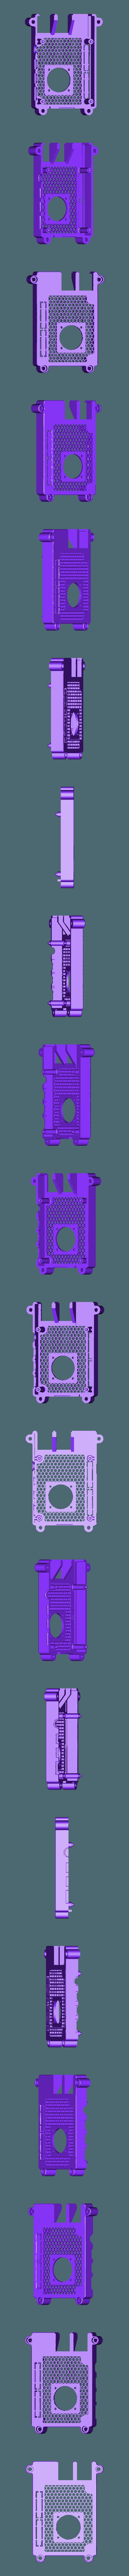 STANDARD_25MM.STL Télécharger fichier STL gratuit Étui Pi 4B Framboise Framboise • Objet pour imprimante 3D, mkellsy